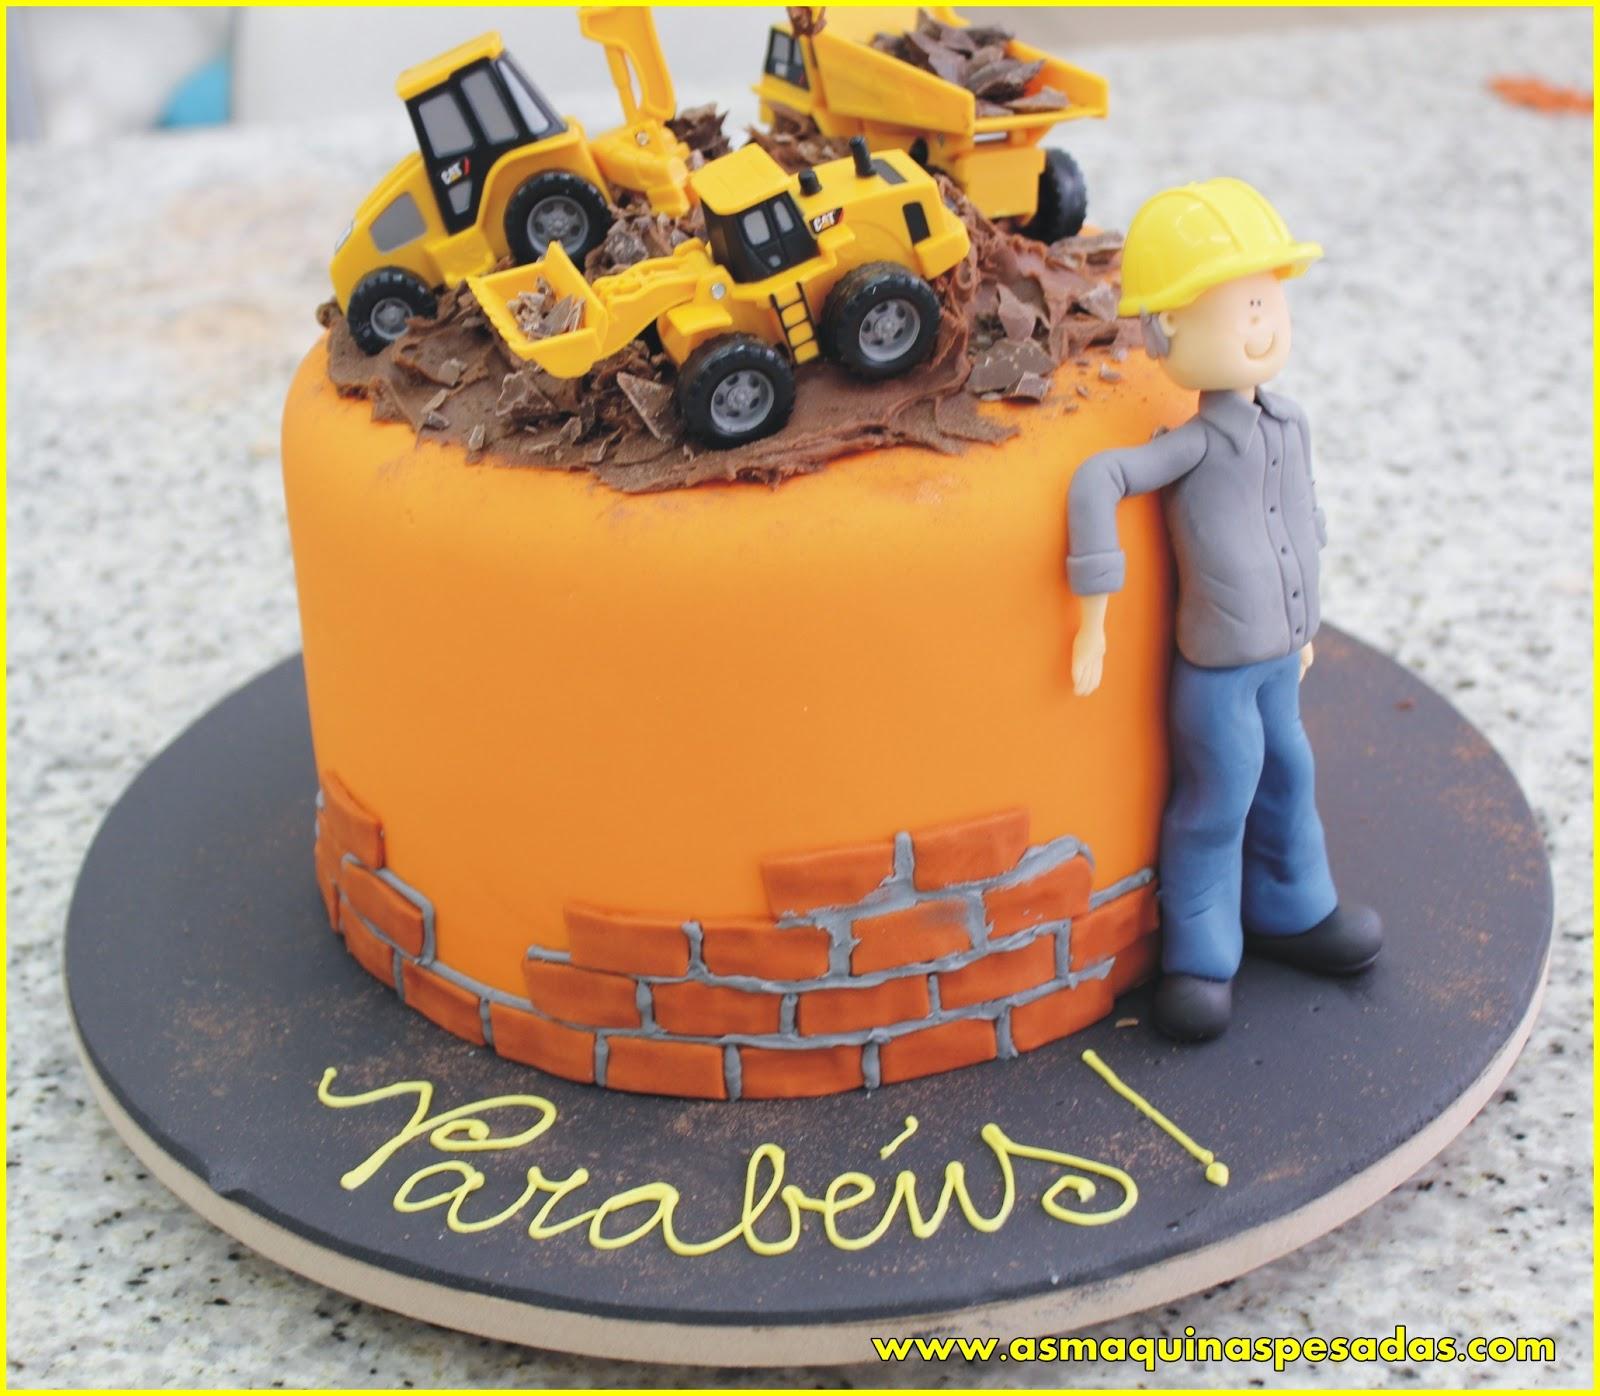 Cake Design Passo A Passo : Bolos de maquinas pesadas! As Maquinas Pesadas